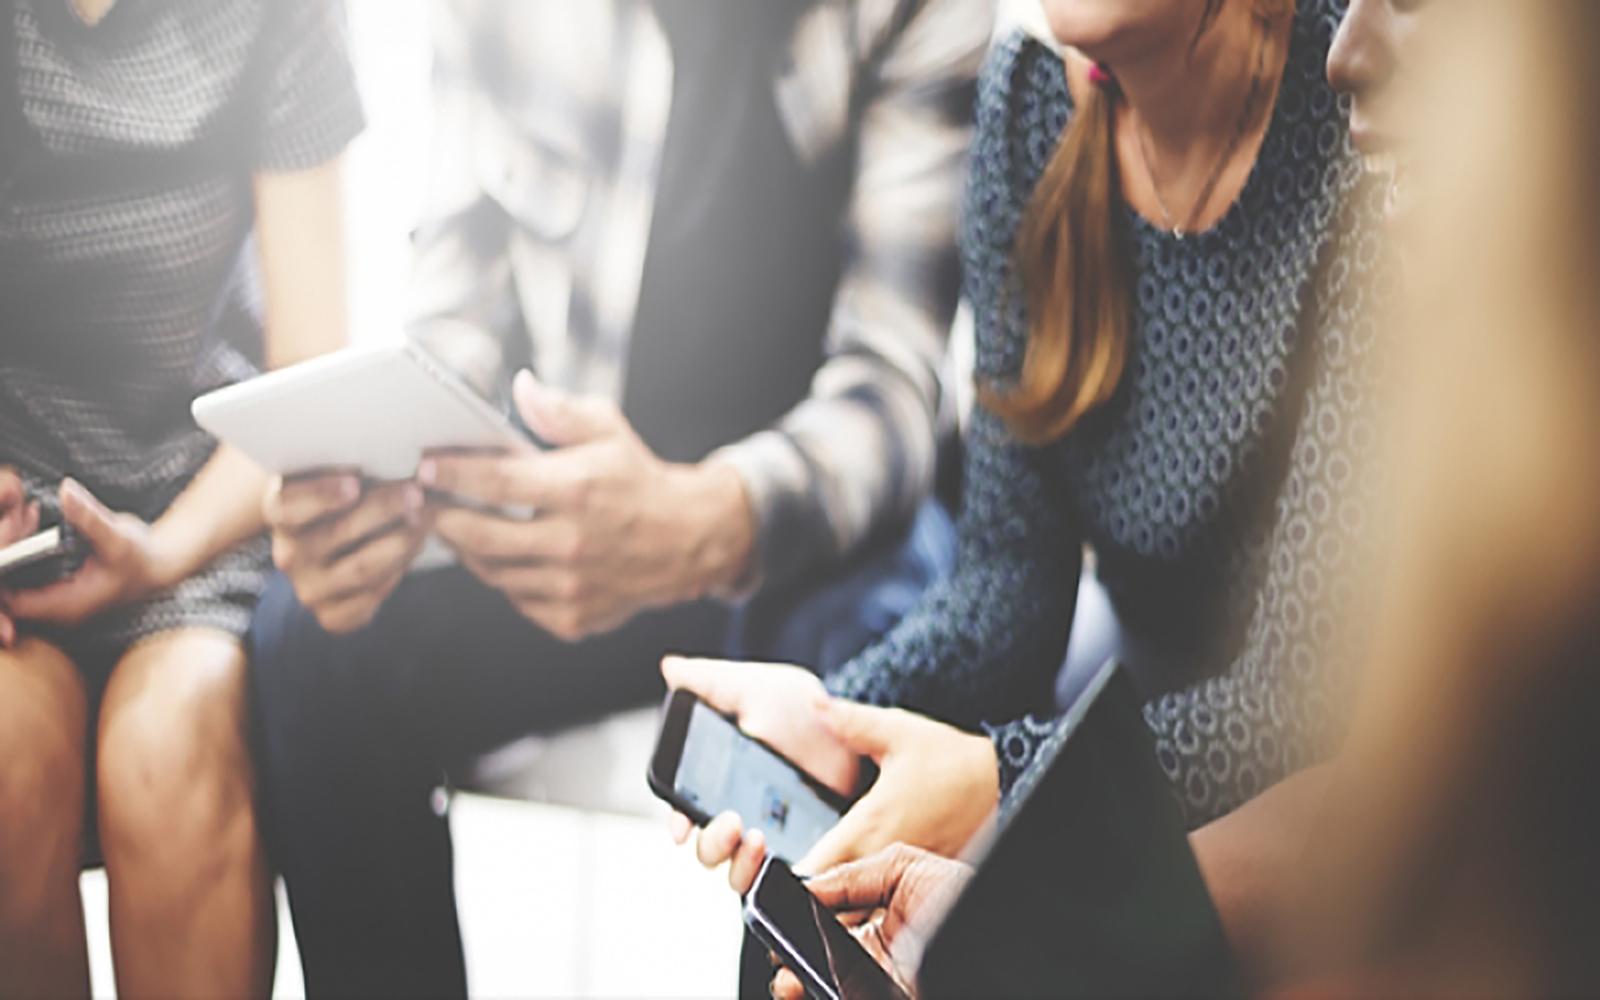 Is een digitale transformatie nodig voor inzicht in klantreis?